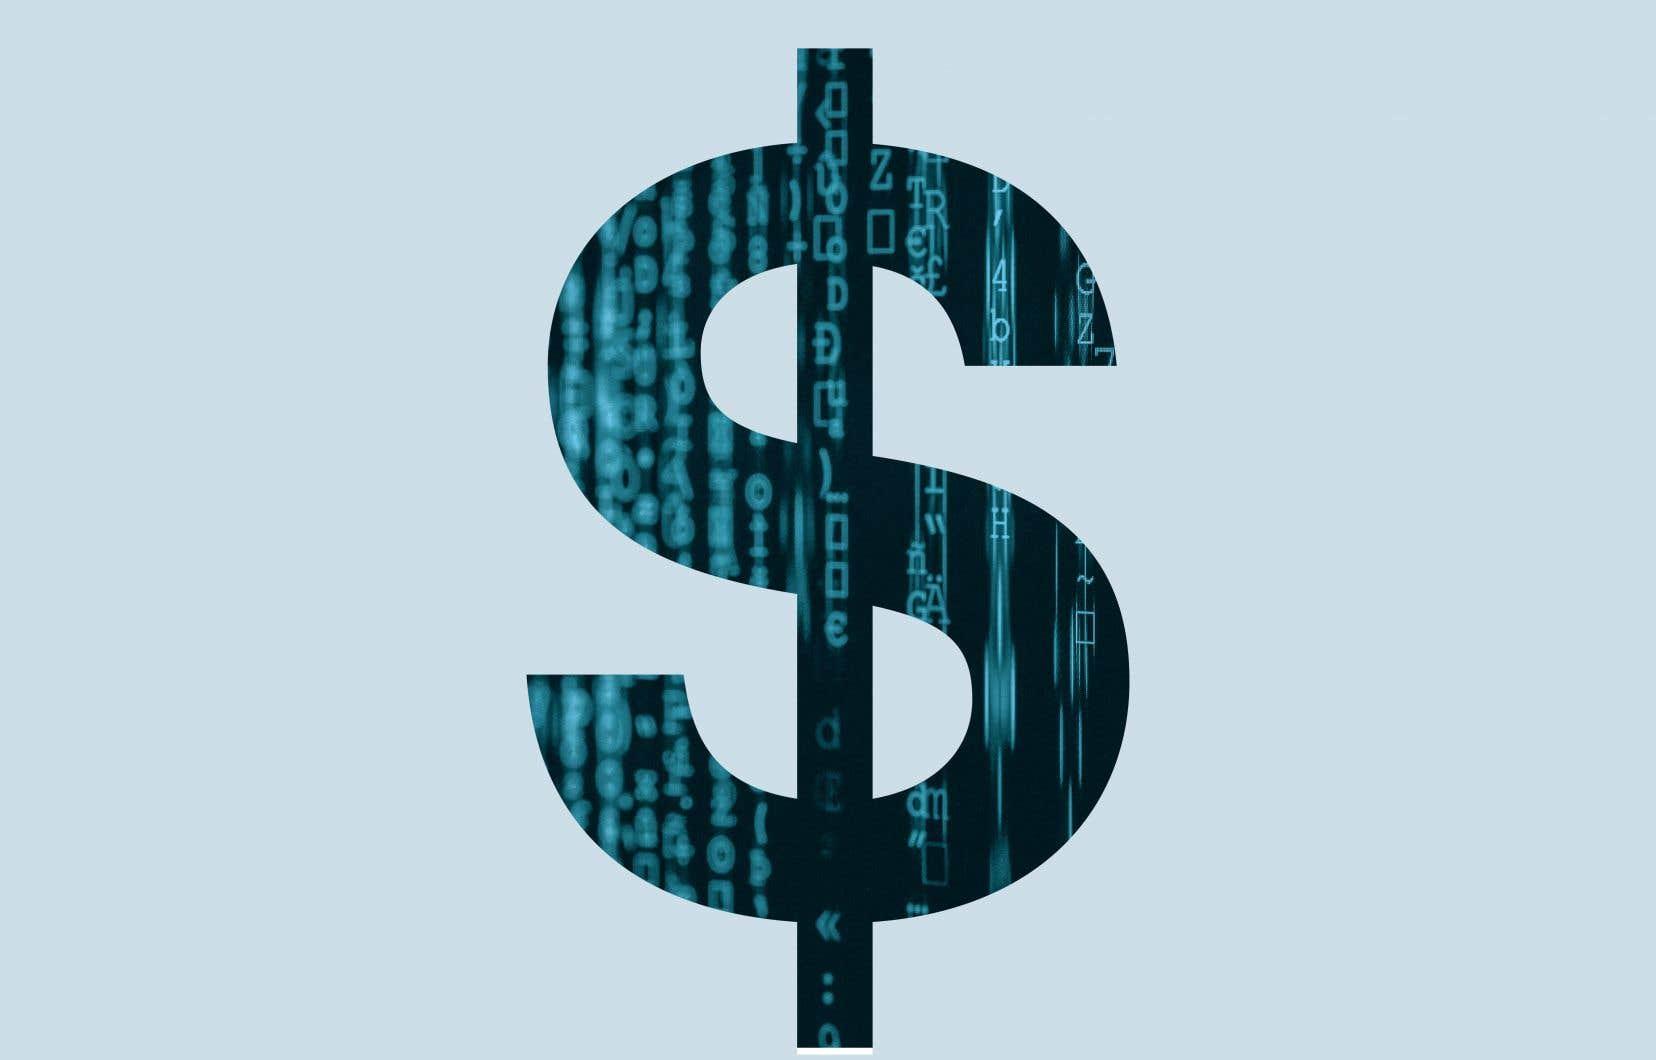 Si l'usage de ces algorithmes par les investisseurs s'effectue généralement dans les règles, d'autres fois elles servent de mauvaises intentions ou cherchent à manipuler le marché.